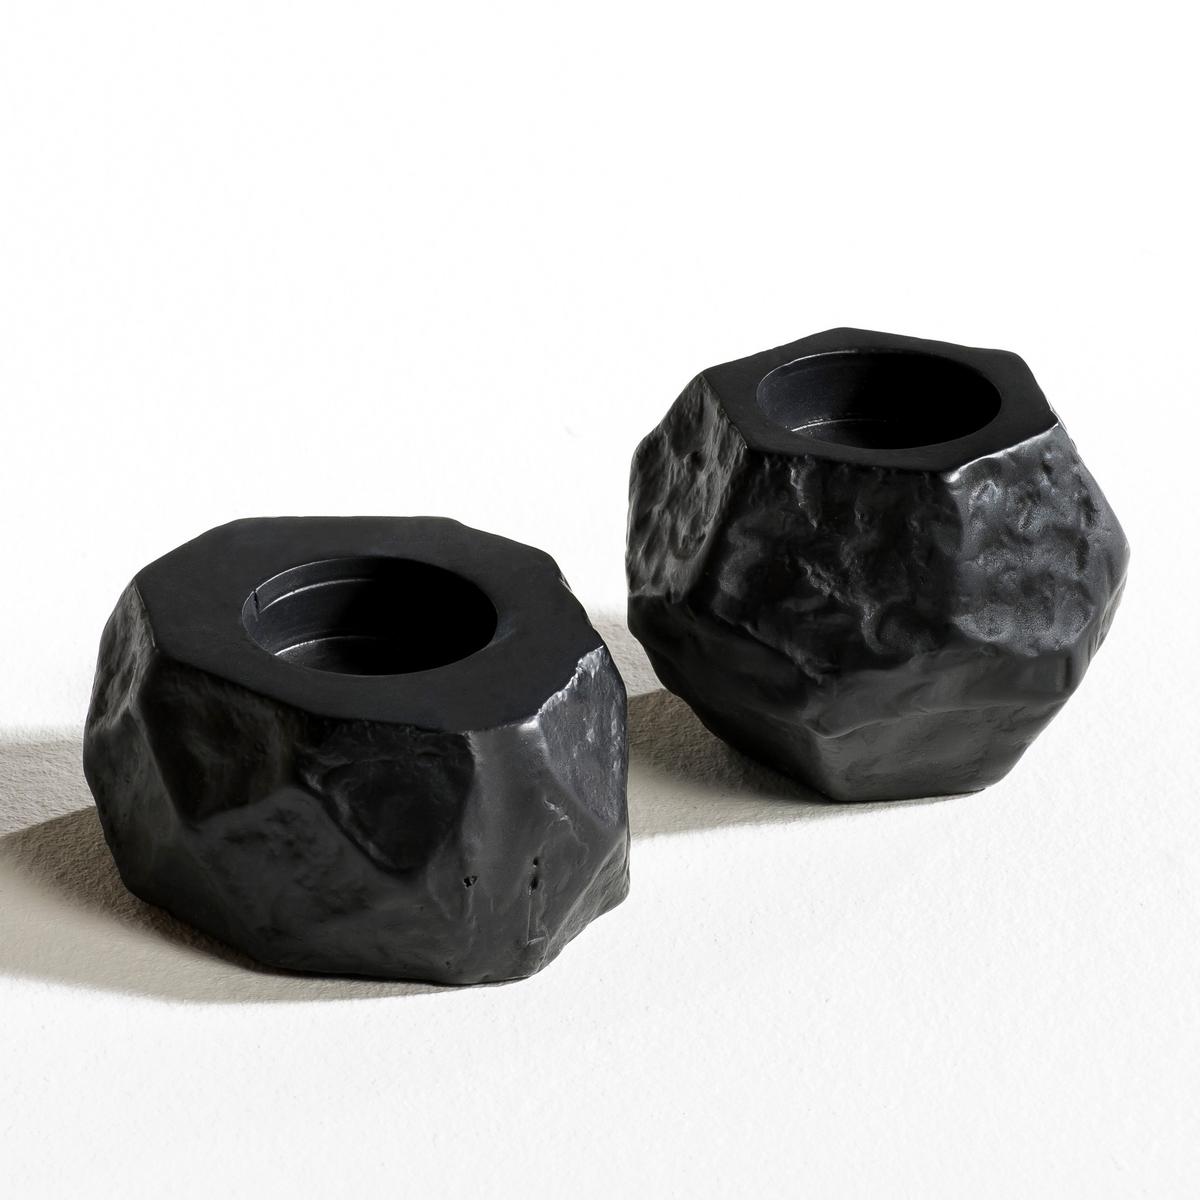 2 подсвечника, Ecrou2 подсвечника Ecrou . Из литого алюминия с черным матовым покрытием . Для греющей свечи (не входит в комплект). Размеры. : ?9 x В5 см и ?10 x В7 см .<br><br>Цвет: черный